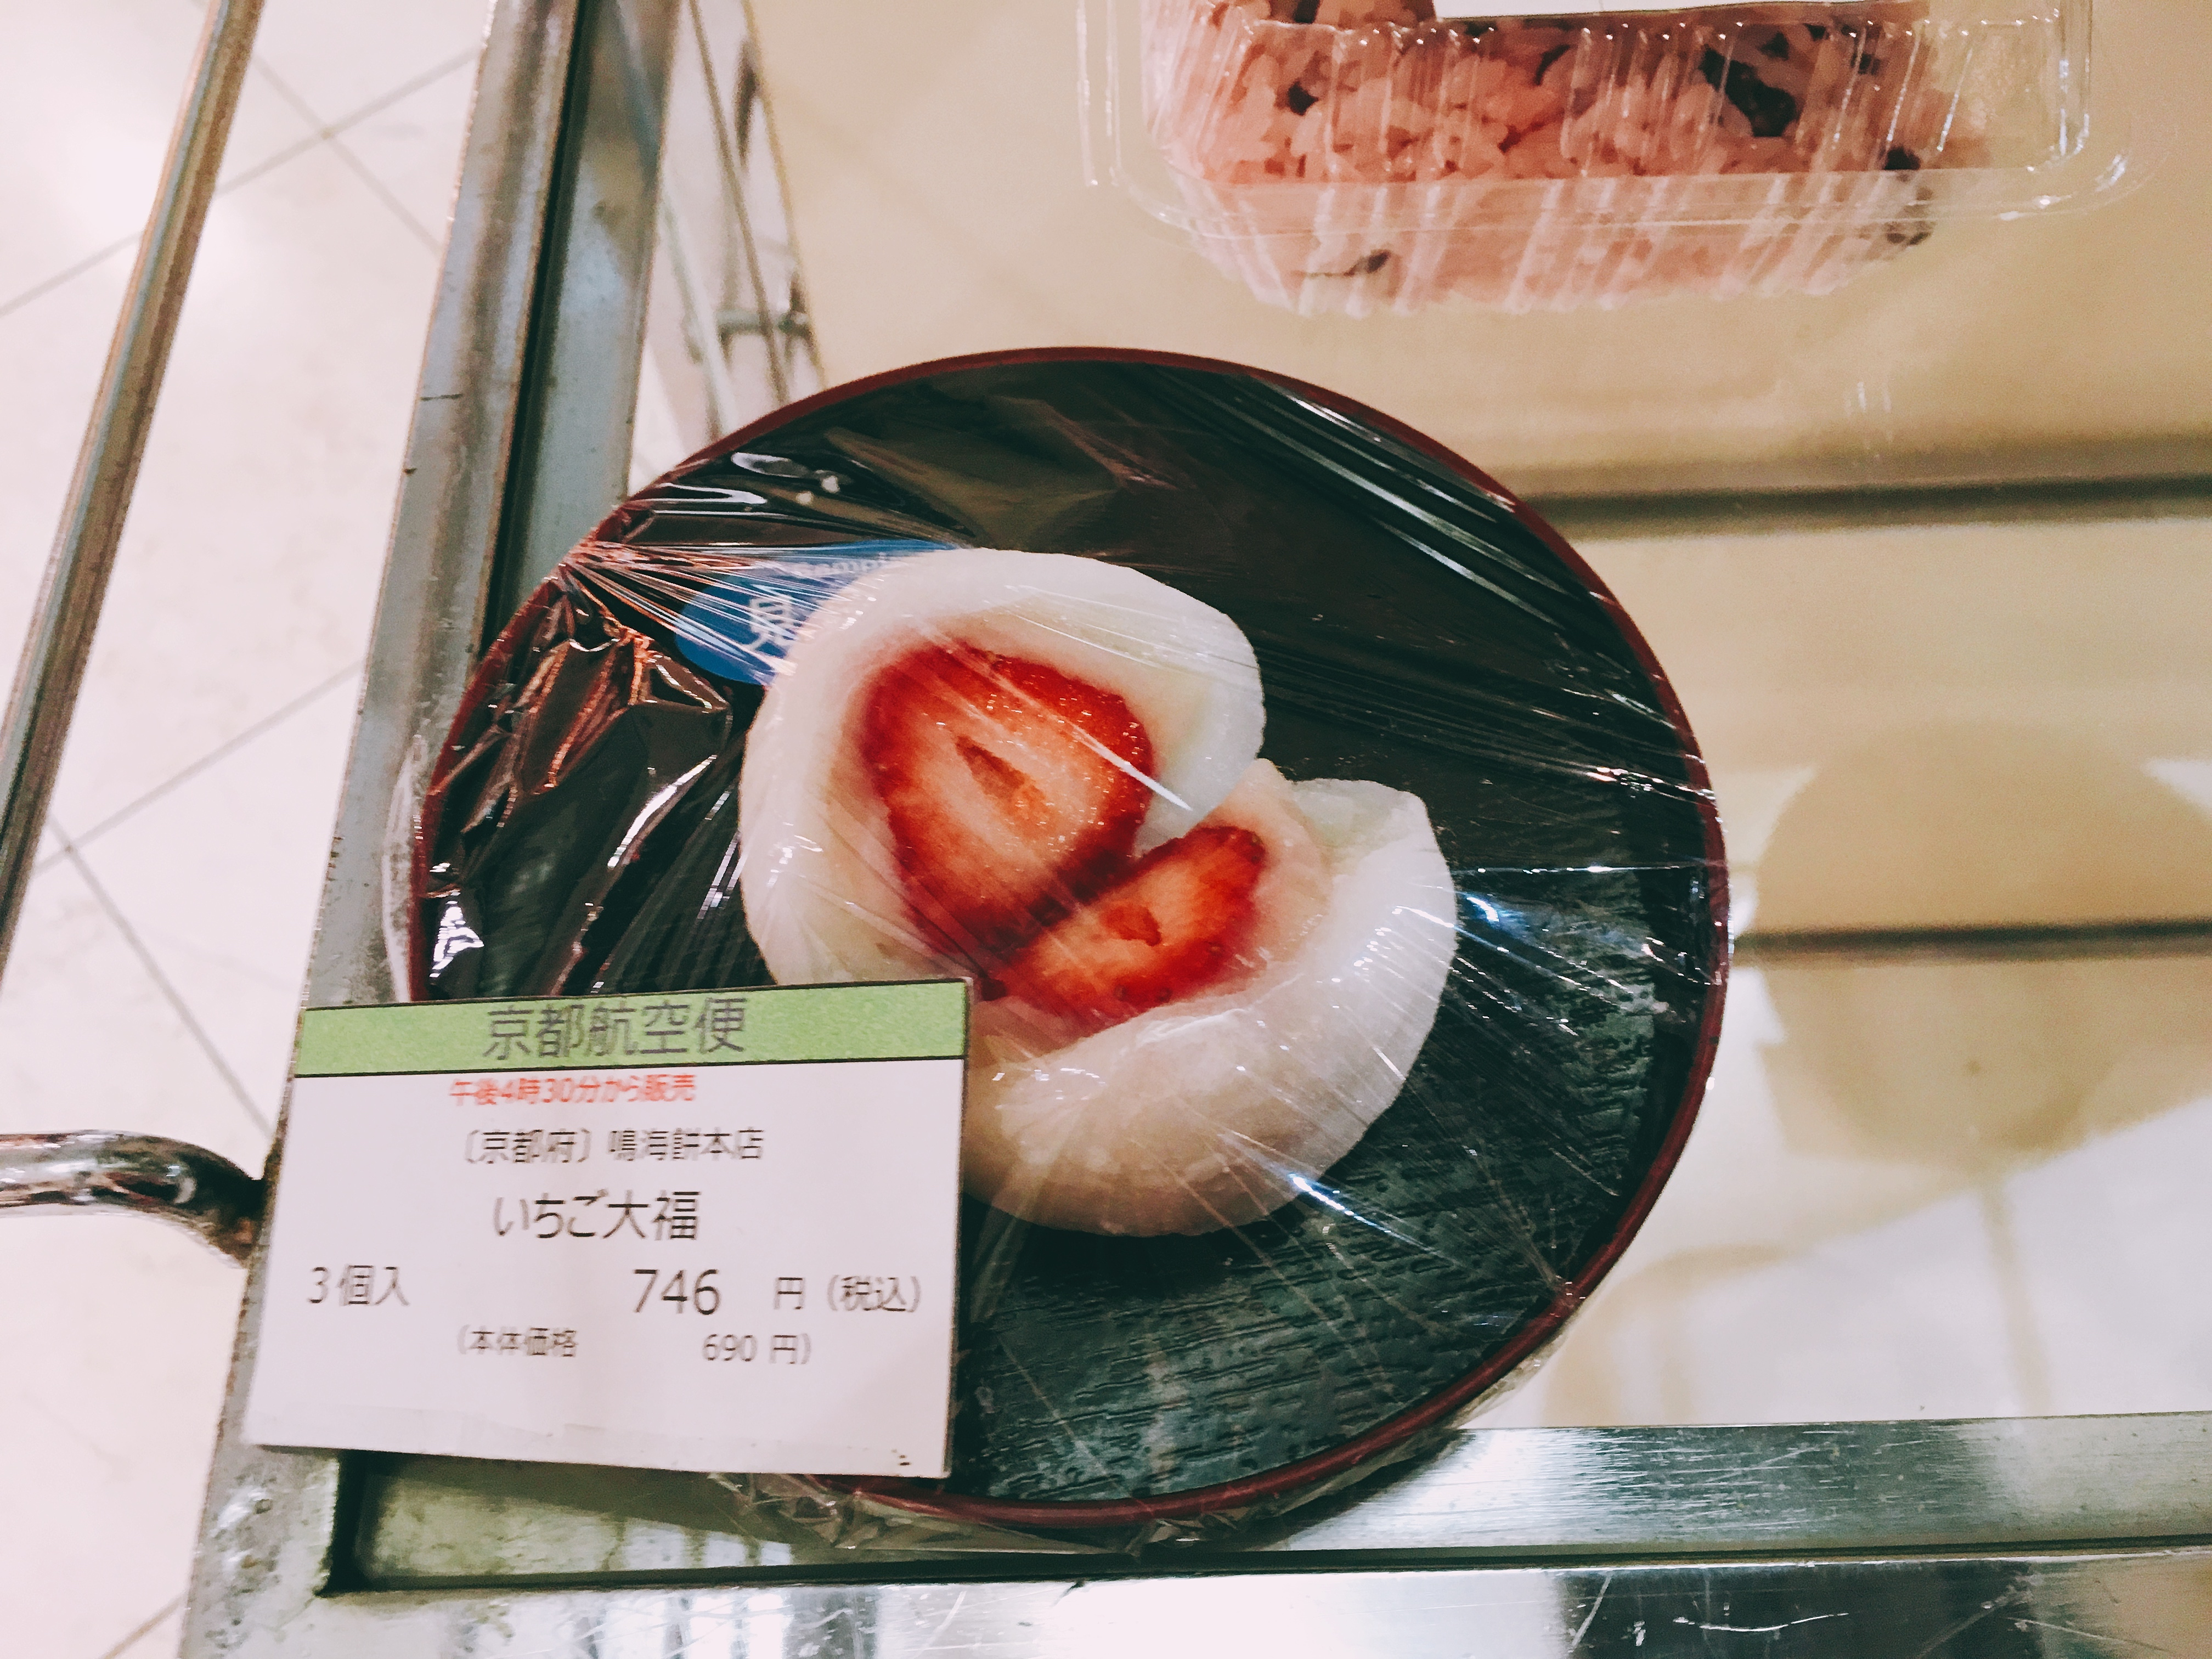 新宿高島屋京都航空便鳴海本店